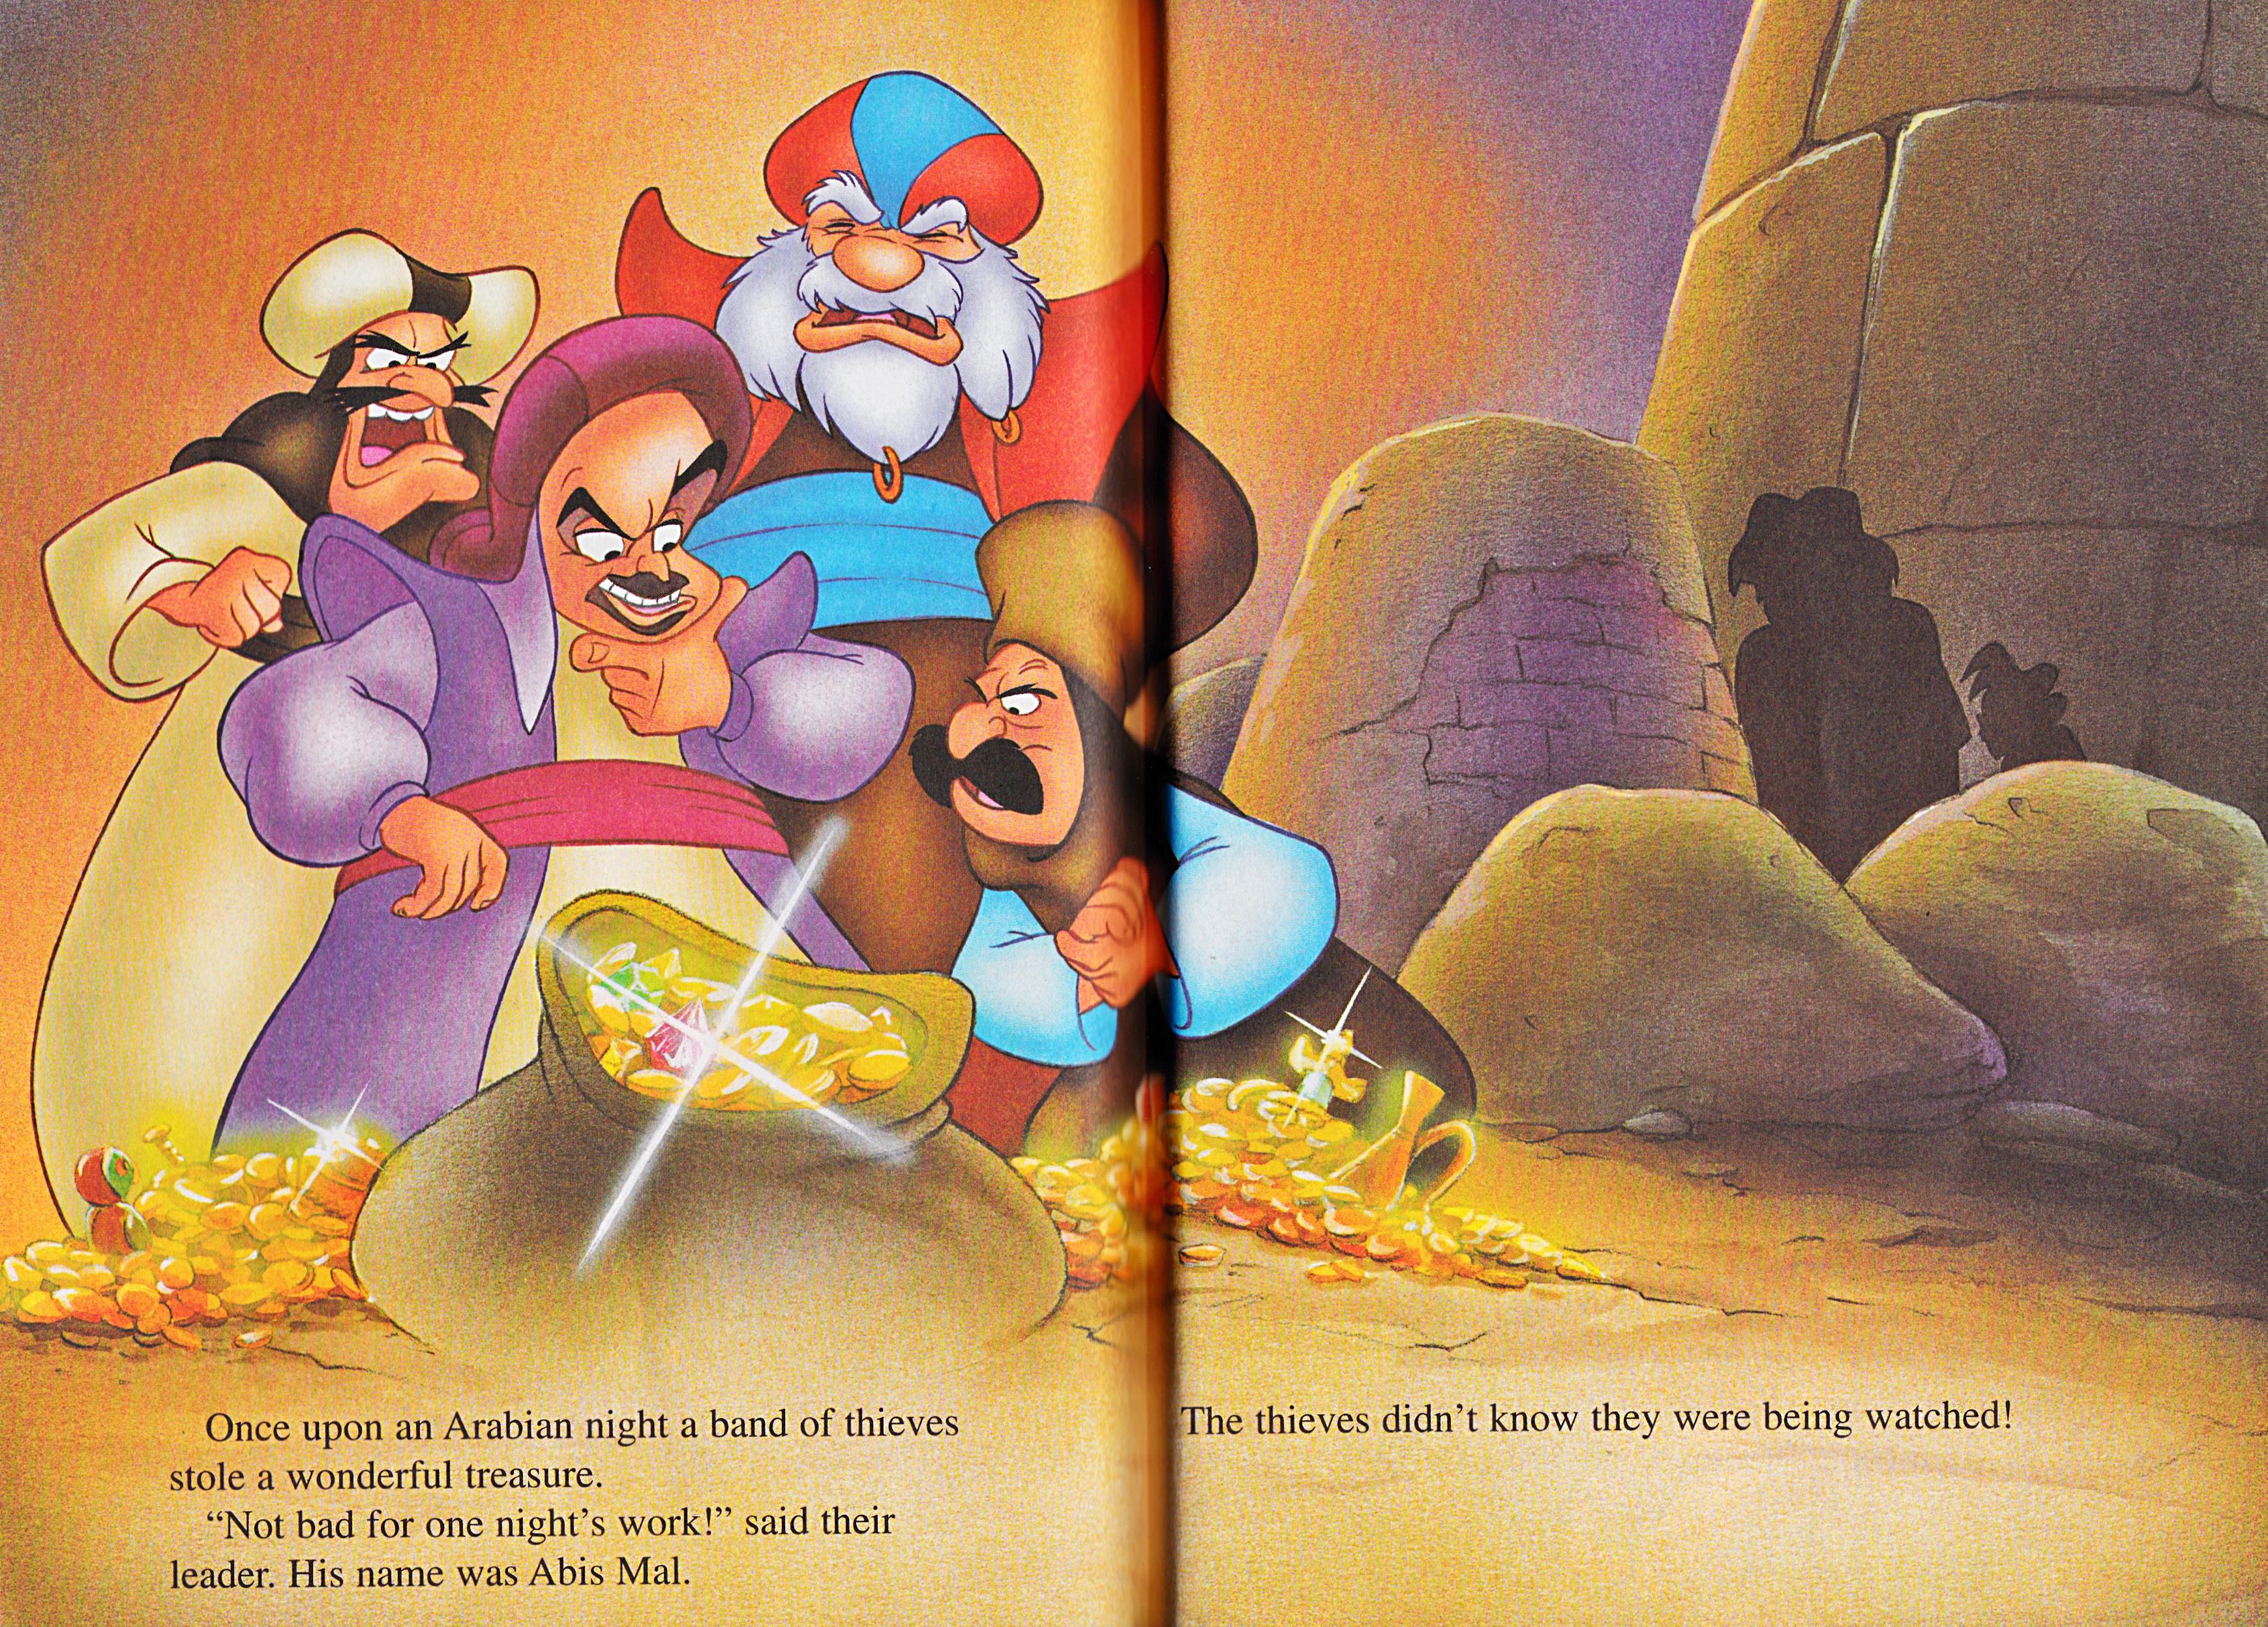 Walt डिज़्नी पुस्तकें - अलादीन 2: The Return of Jafar